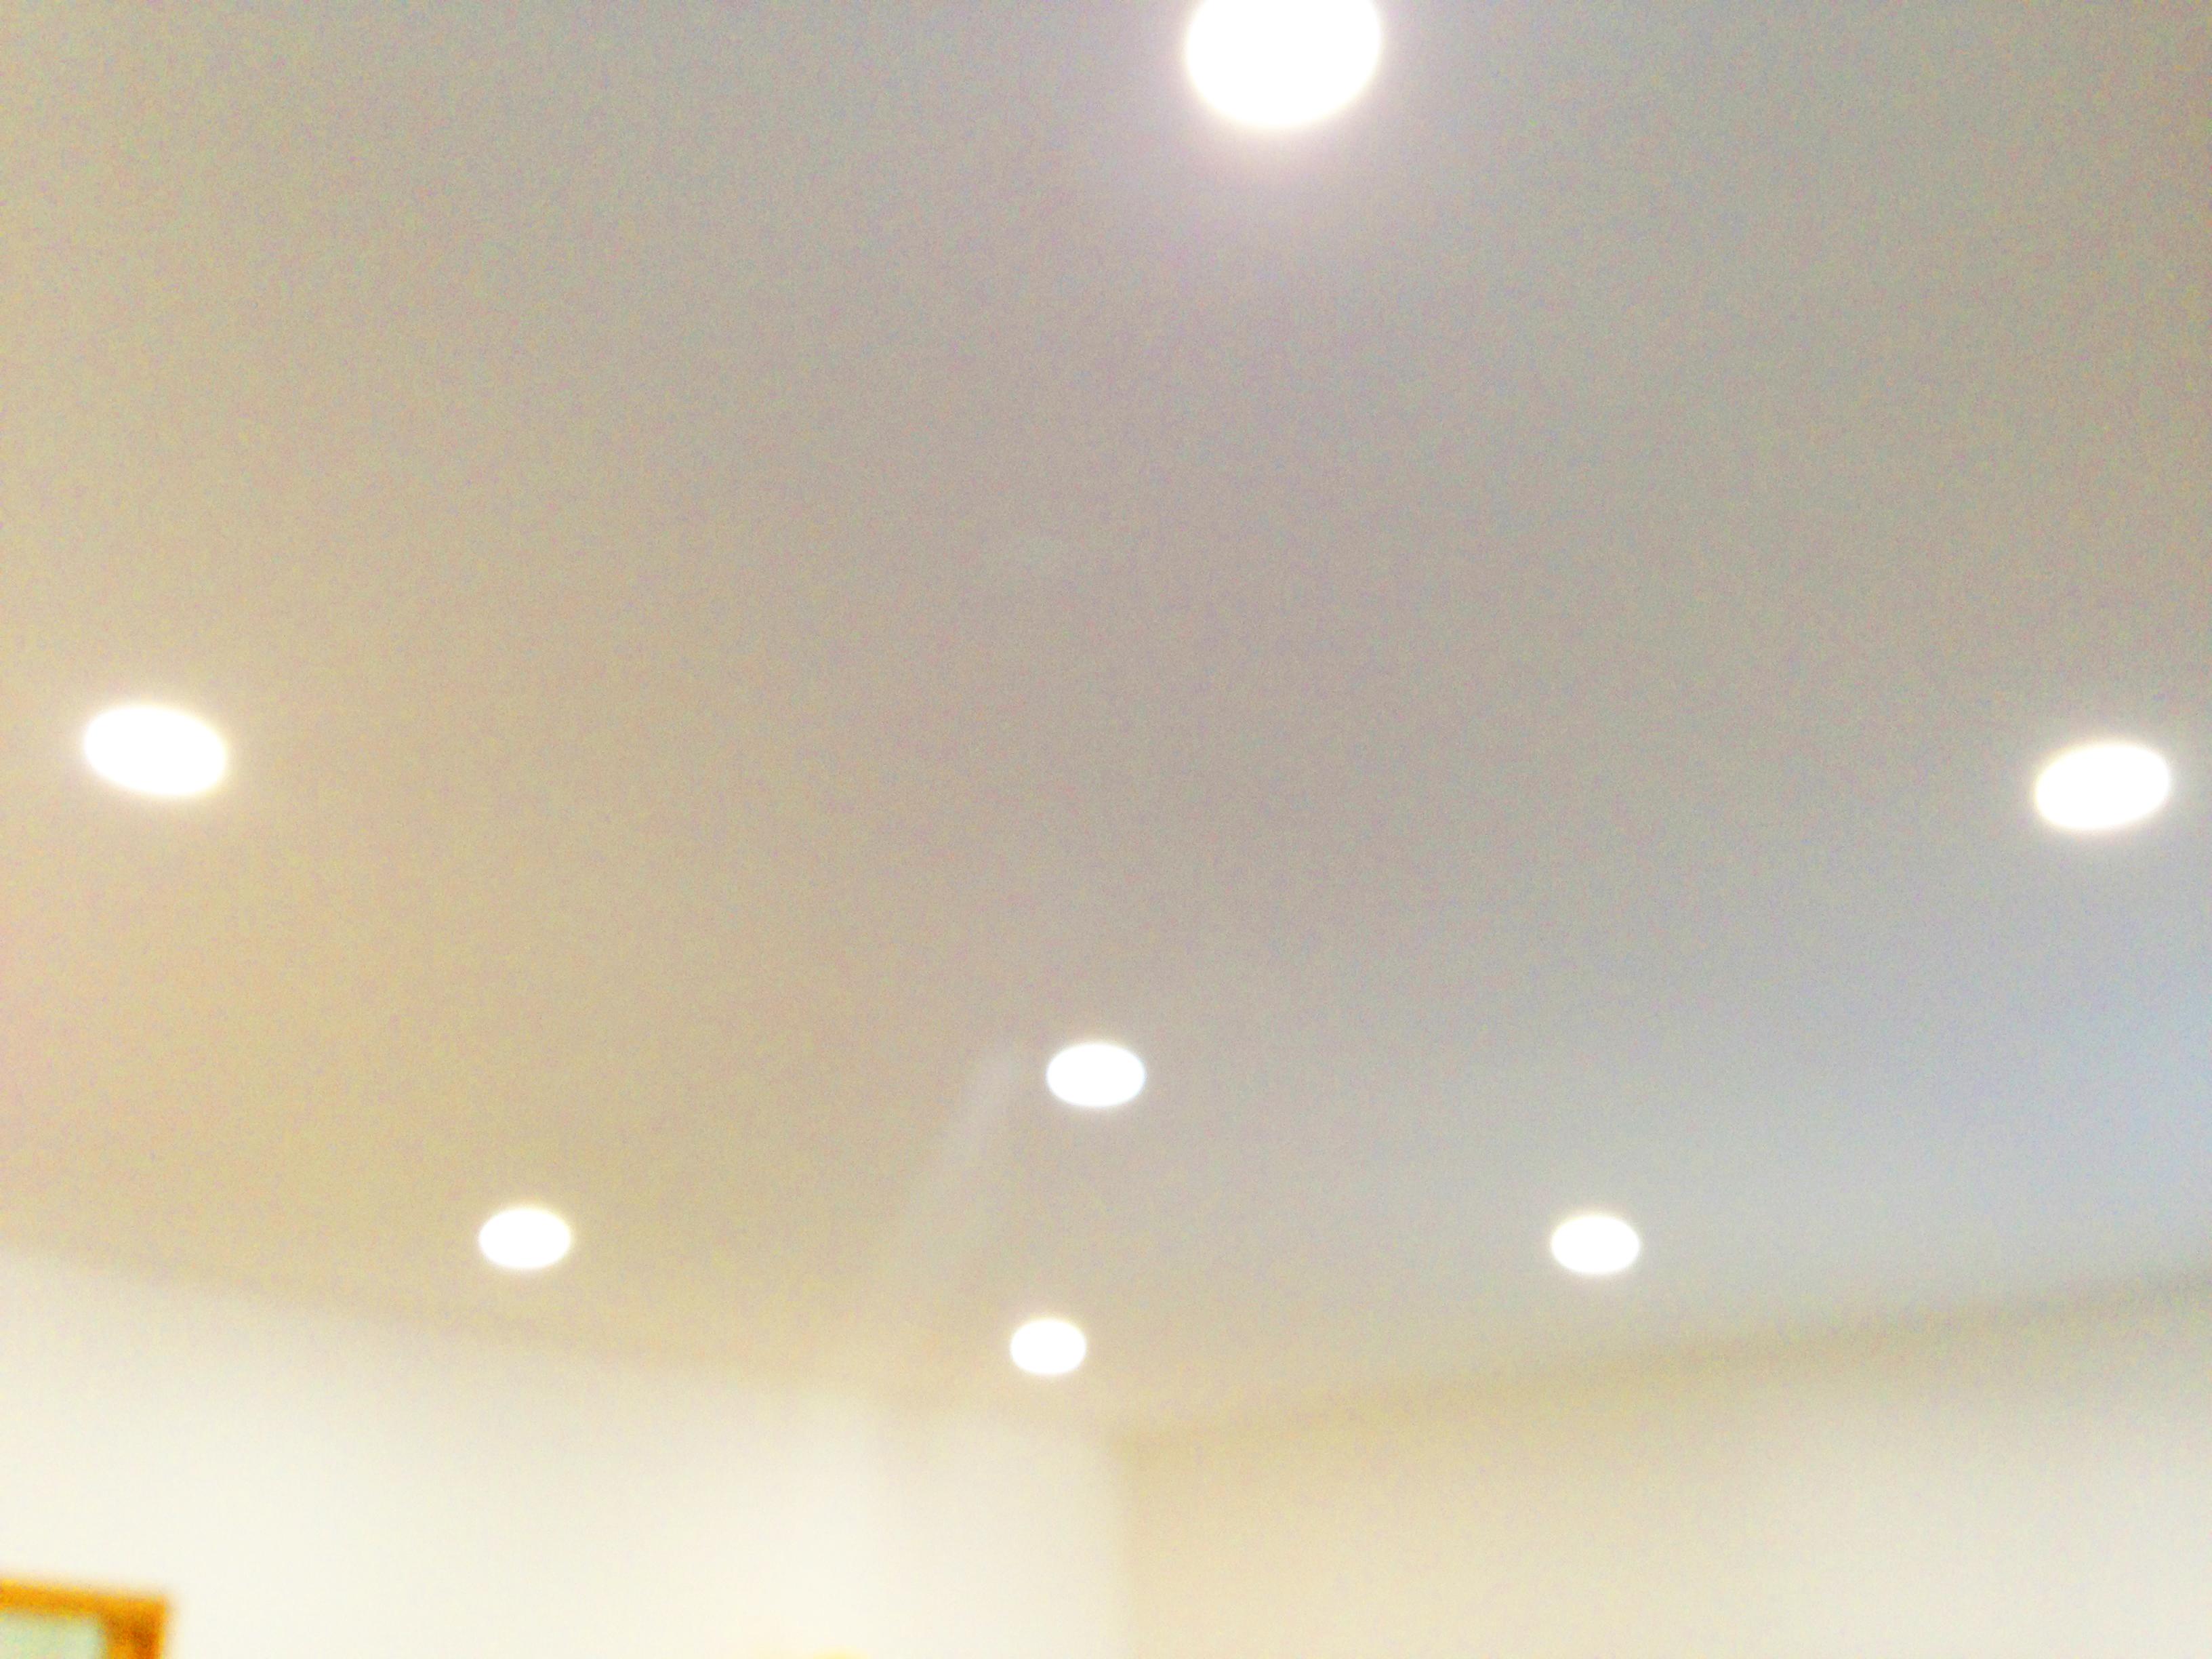 ciel toil led intensit et couleurs ajustables avec appareillage tactile plafond chauffant. Black Bedroom Furniture Sets. Home Design Ideas